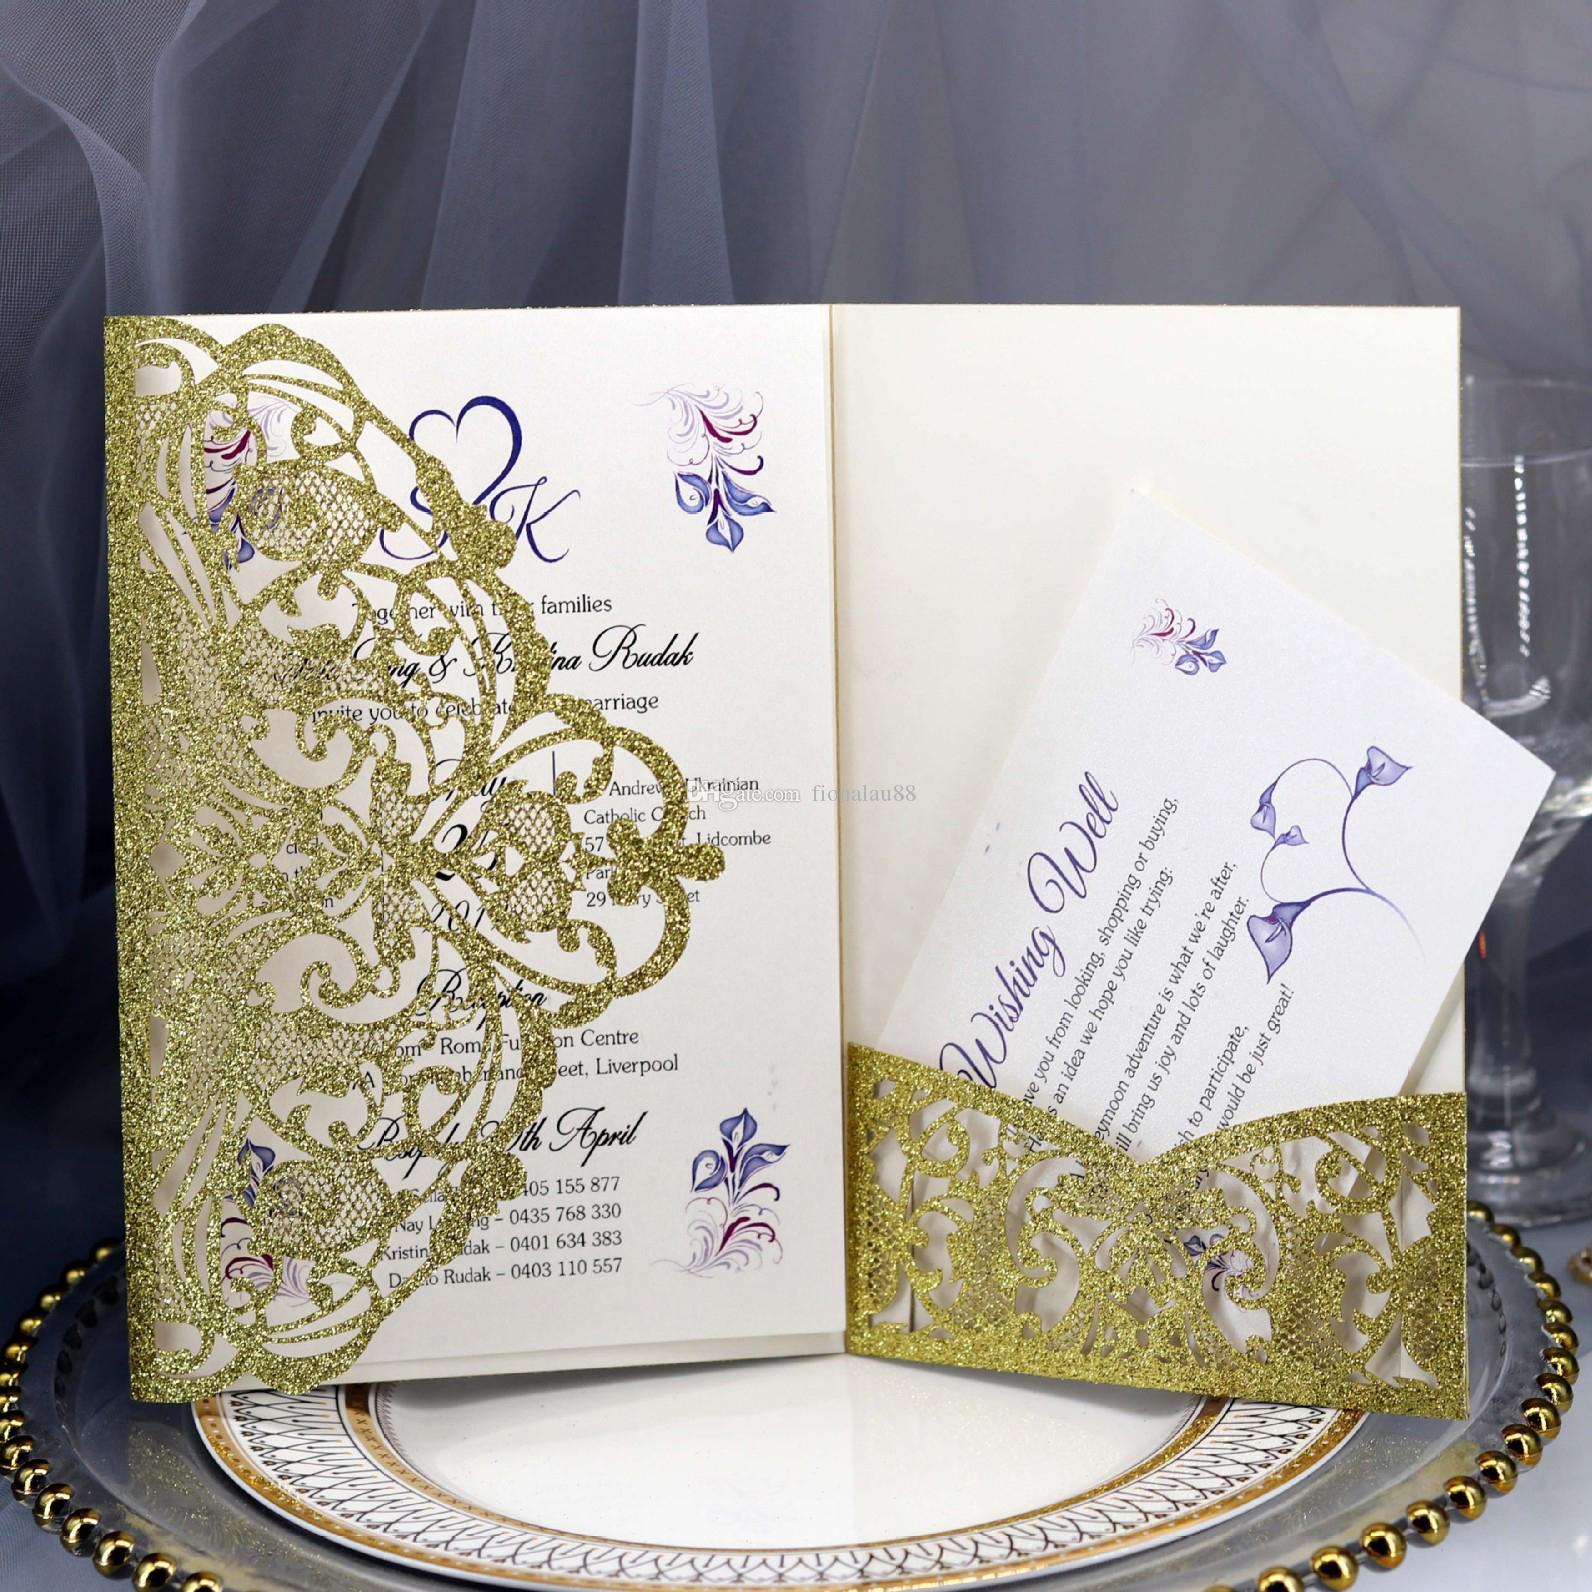 Invitaciones de boda del bolsillo del corte del láser del brillo del oro de clase alta con la tarjeta de RSVP y el envolvente imprimible hueco floral trifold quinceañera invitaciones